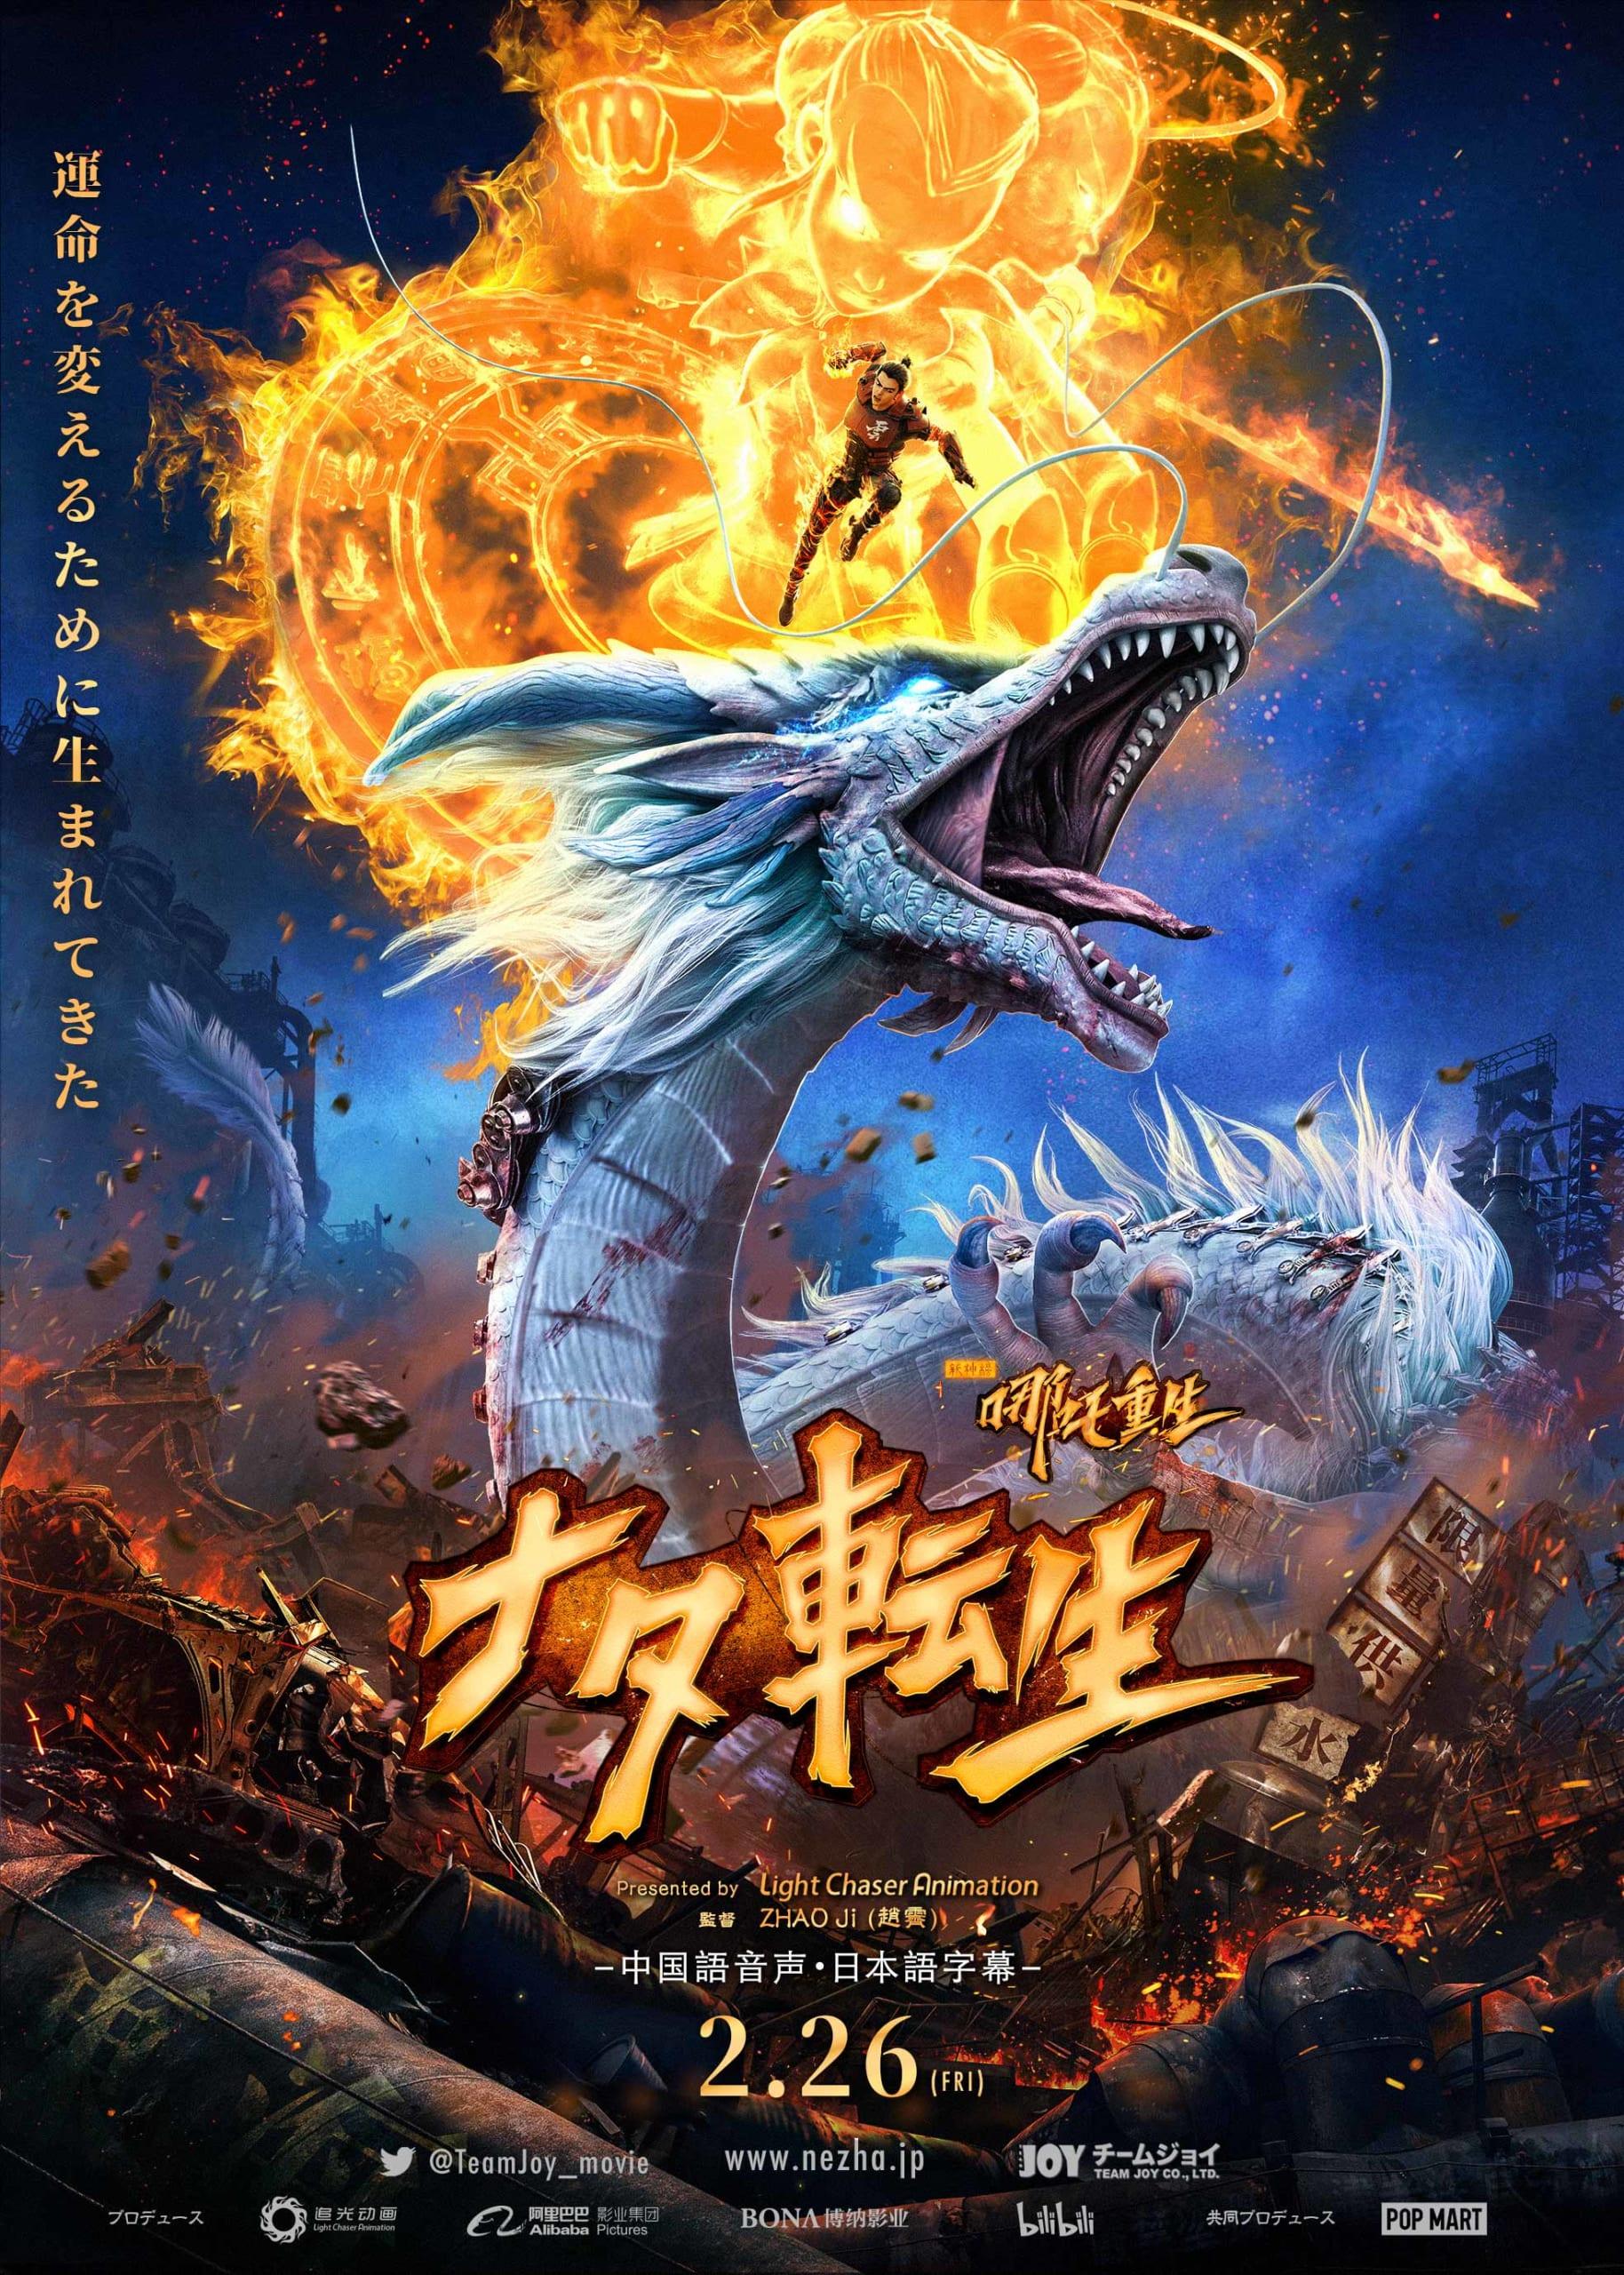 中国アニメ史上最高レベルのアクションアニメ映画「ナタ転生」急遽日本でも上映決定!